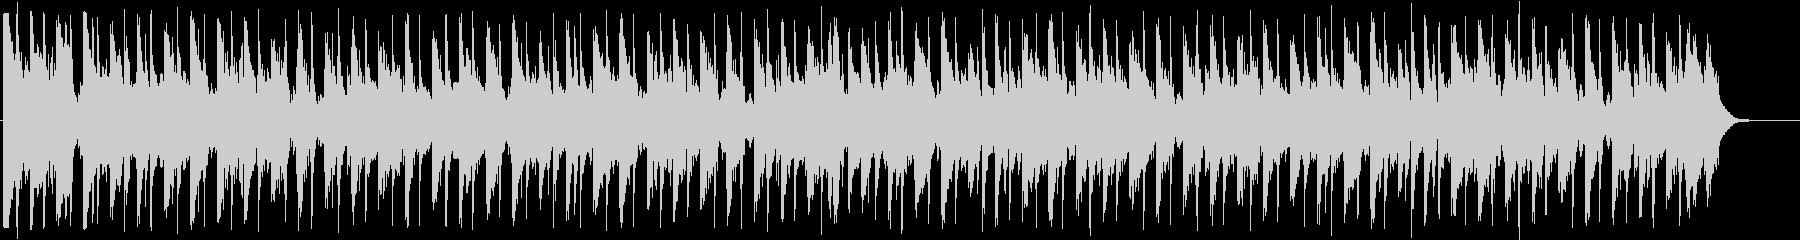 きらびやかなファンクディスコ_612_5の未再生の波形